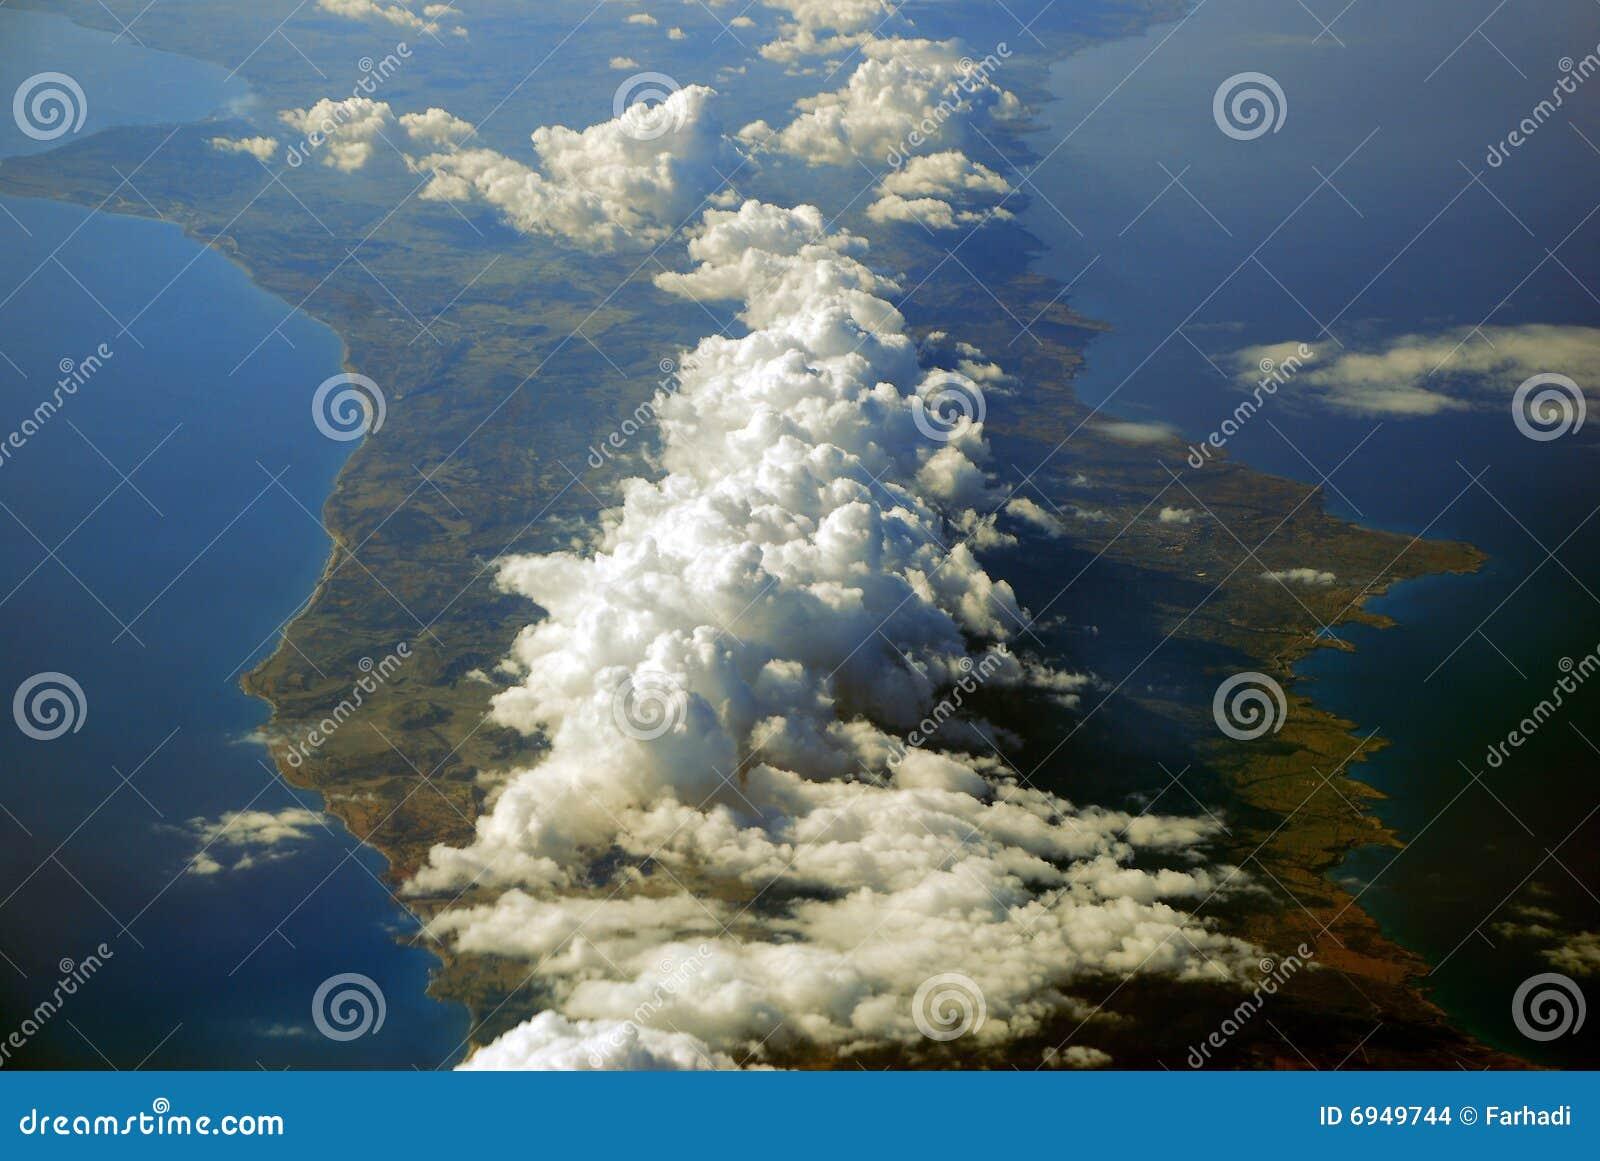 Zypern deckte mit Wolken ab